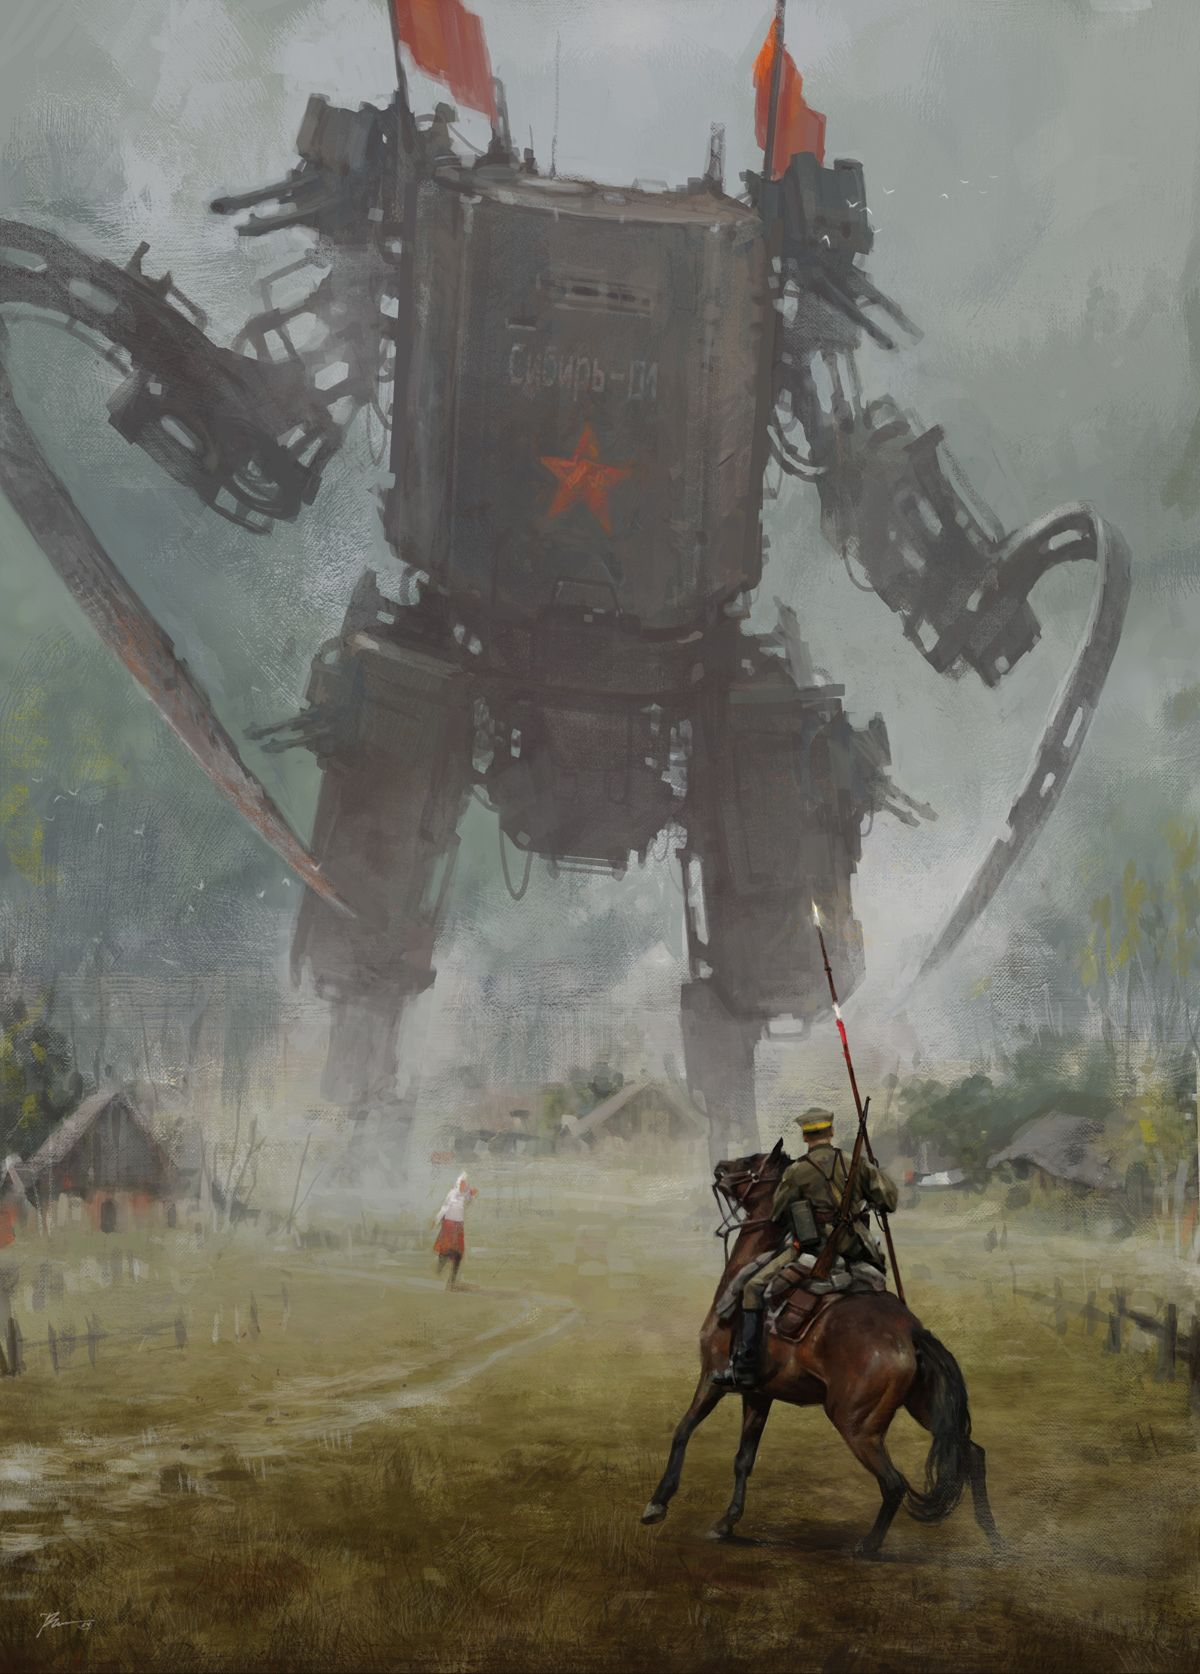 Jakub Różalski erfindet den polnisch-sowjetischen Krieg neu—mit riesigen Robotern